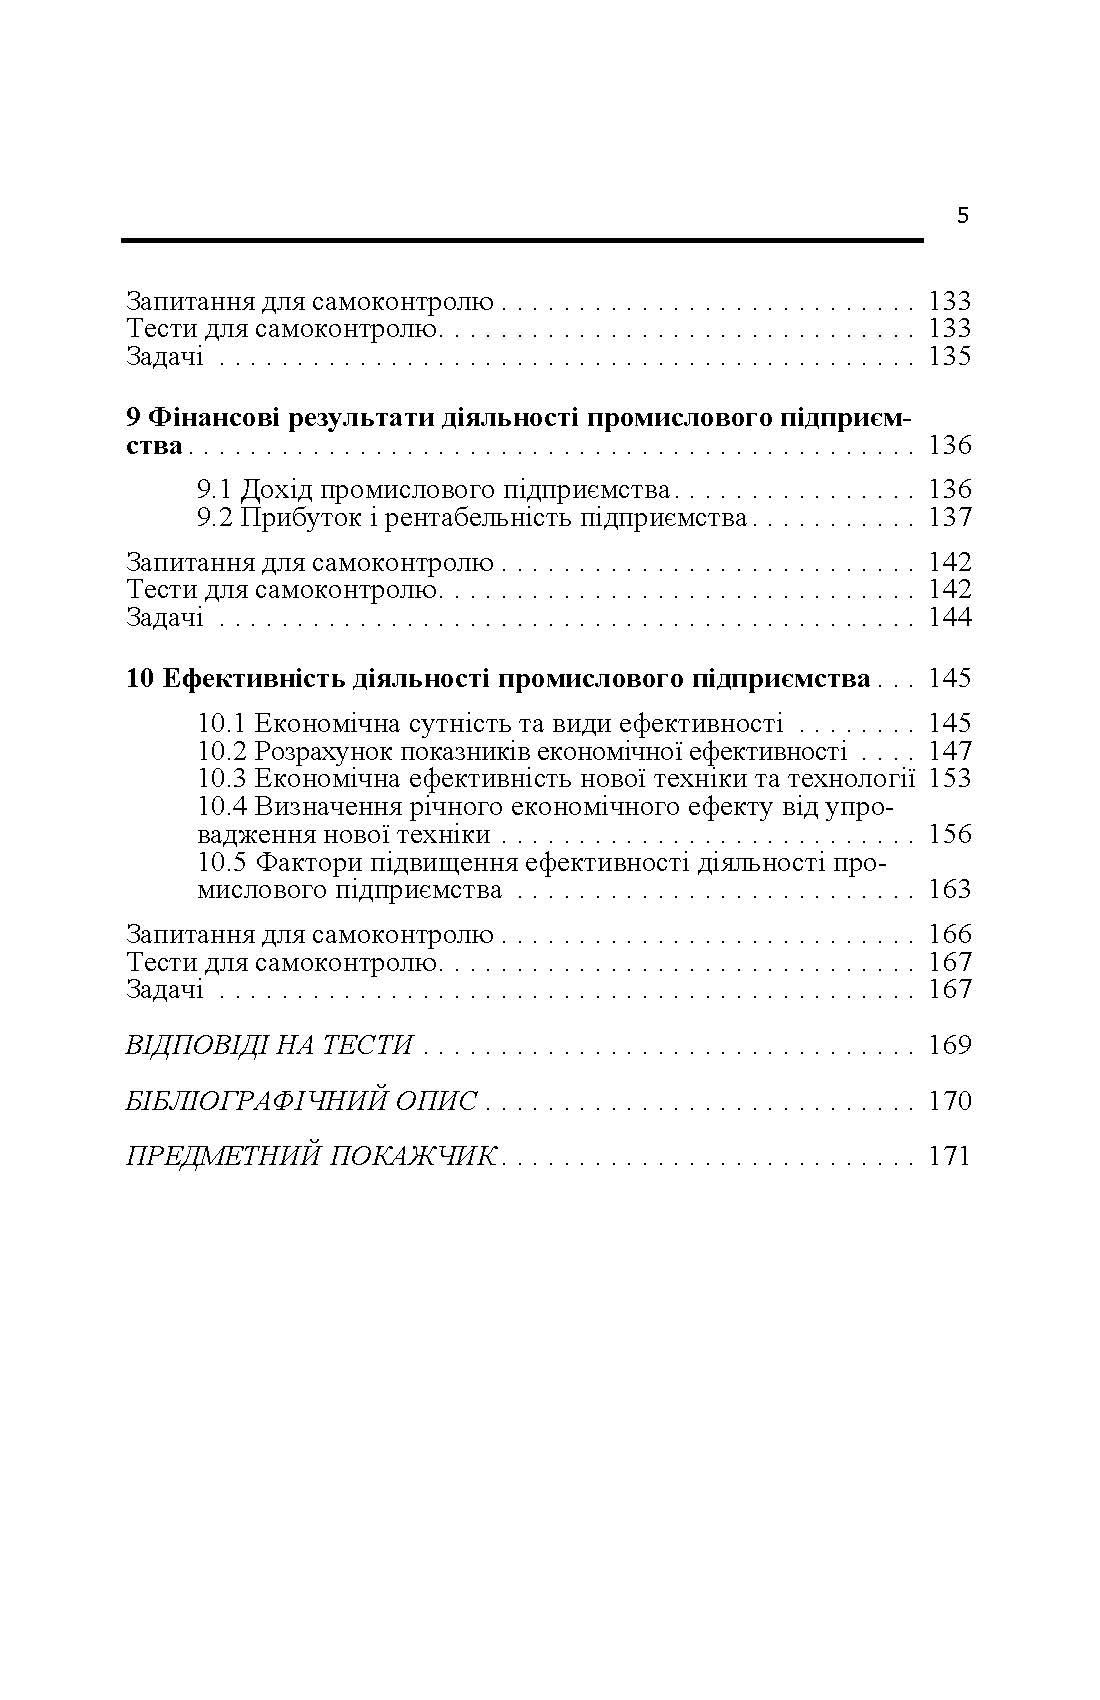 Економіка промислового підприємства.. Автор — Маслак О.І..